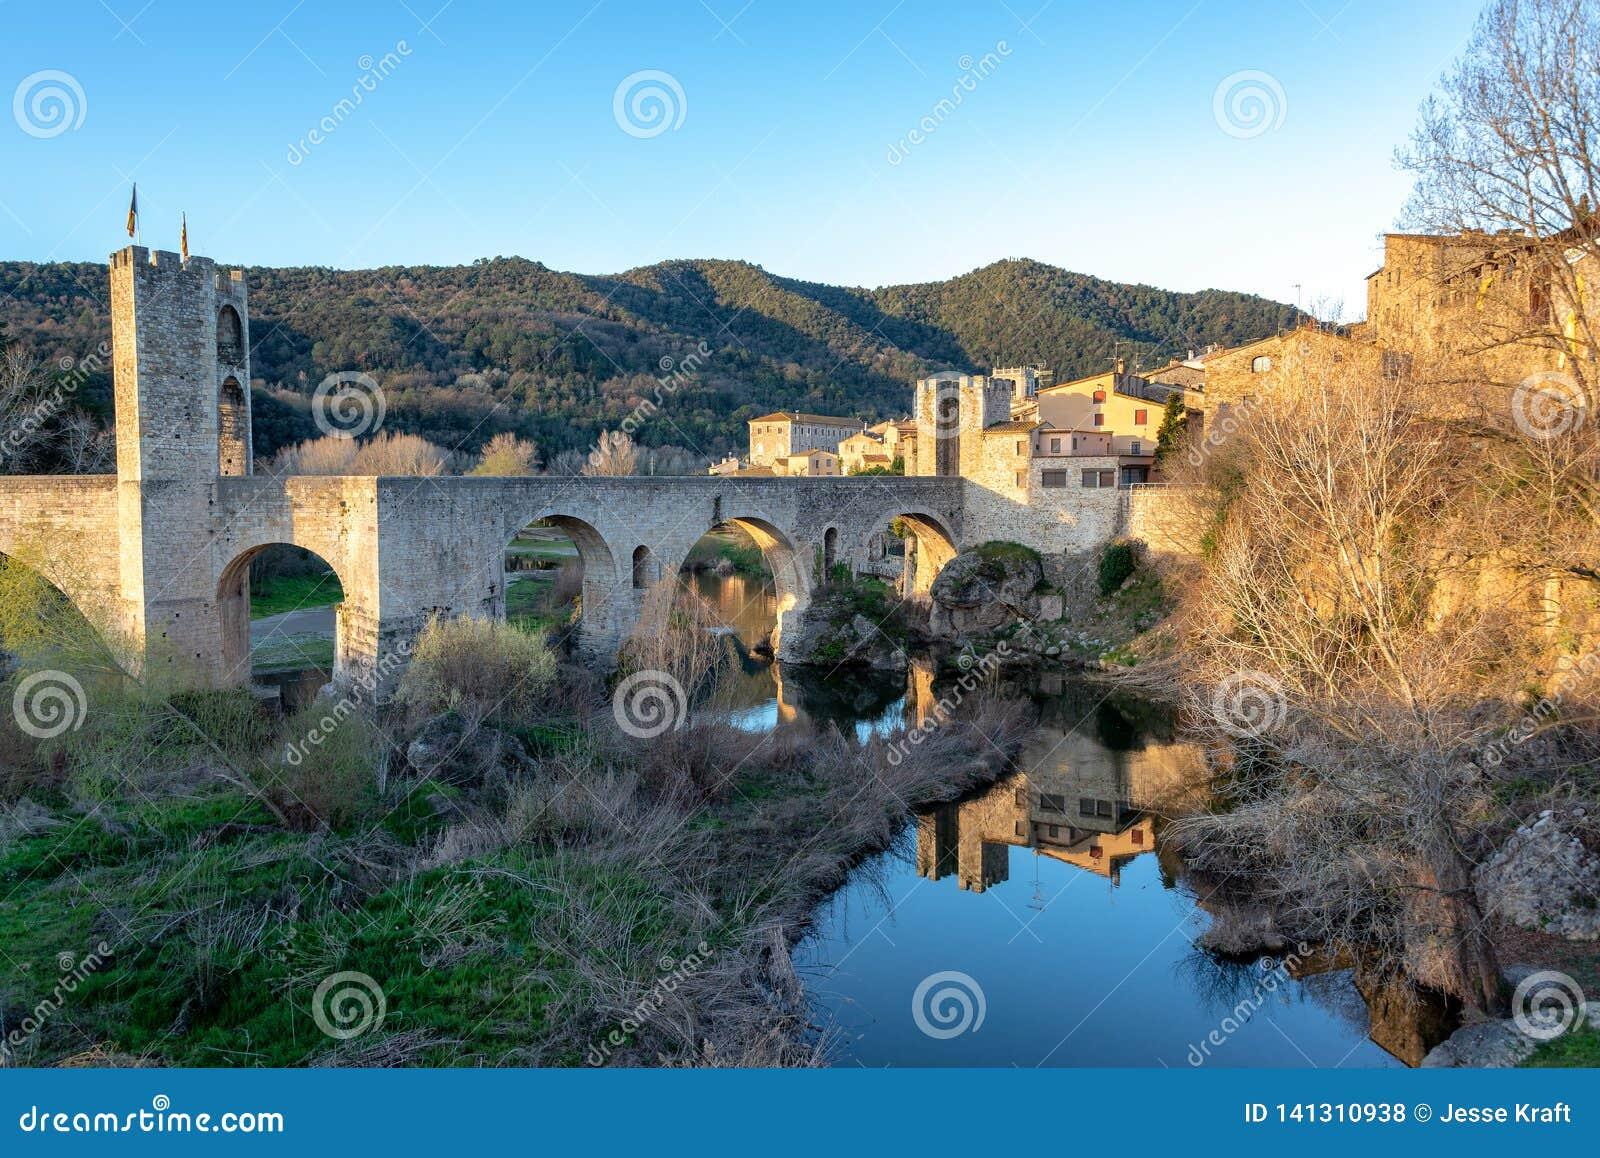 Bridge of Besalu View